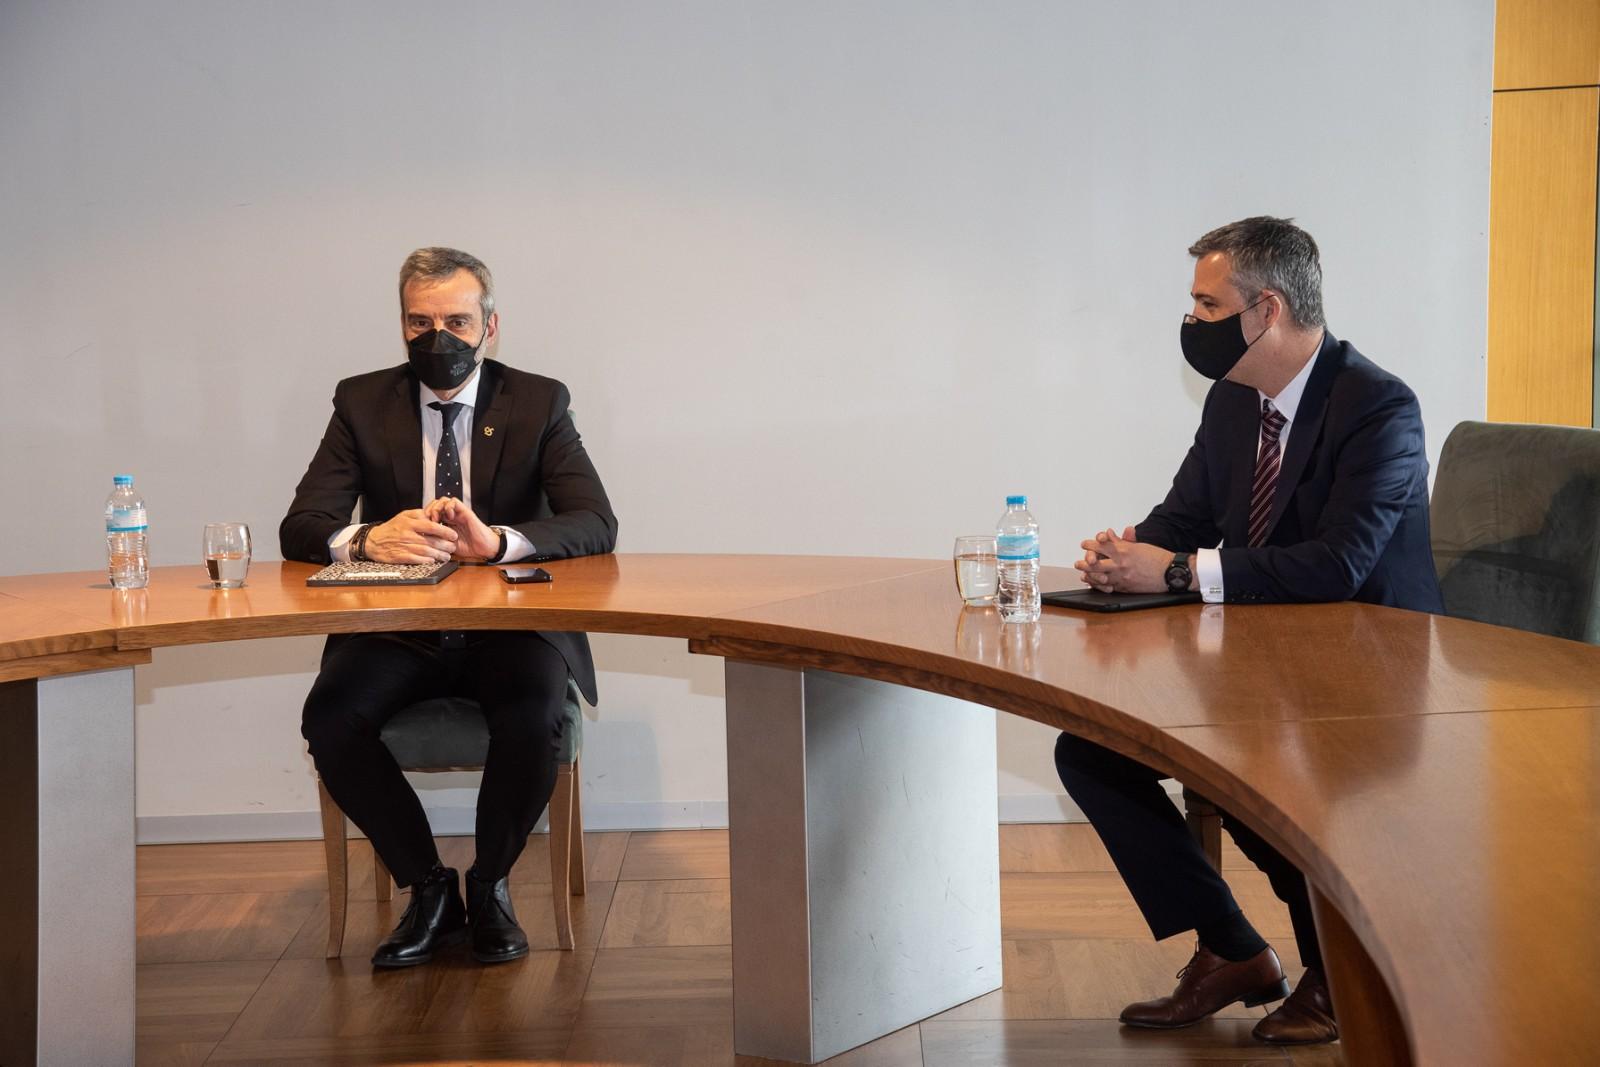 """Συνάντηση του Δημάρχου Θεσσαλονίκης Κ. Ζέρβα με τον Γ.Γ. Υπηρεσιών Υγείας: Η σωστή κινητικότητα """"κλειδί"""" για την αντιμετώπιση της πανδημίας"""